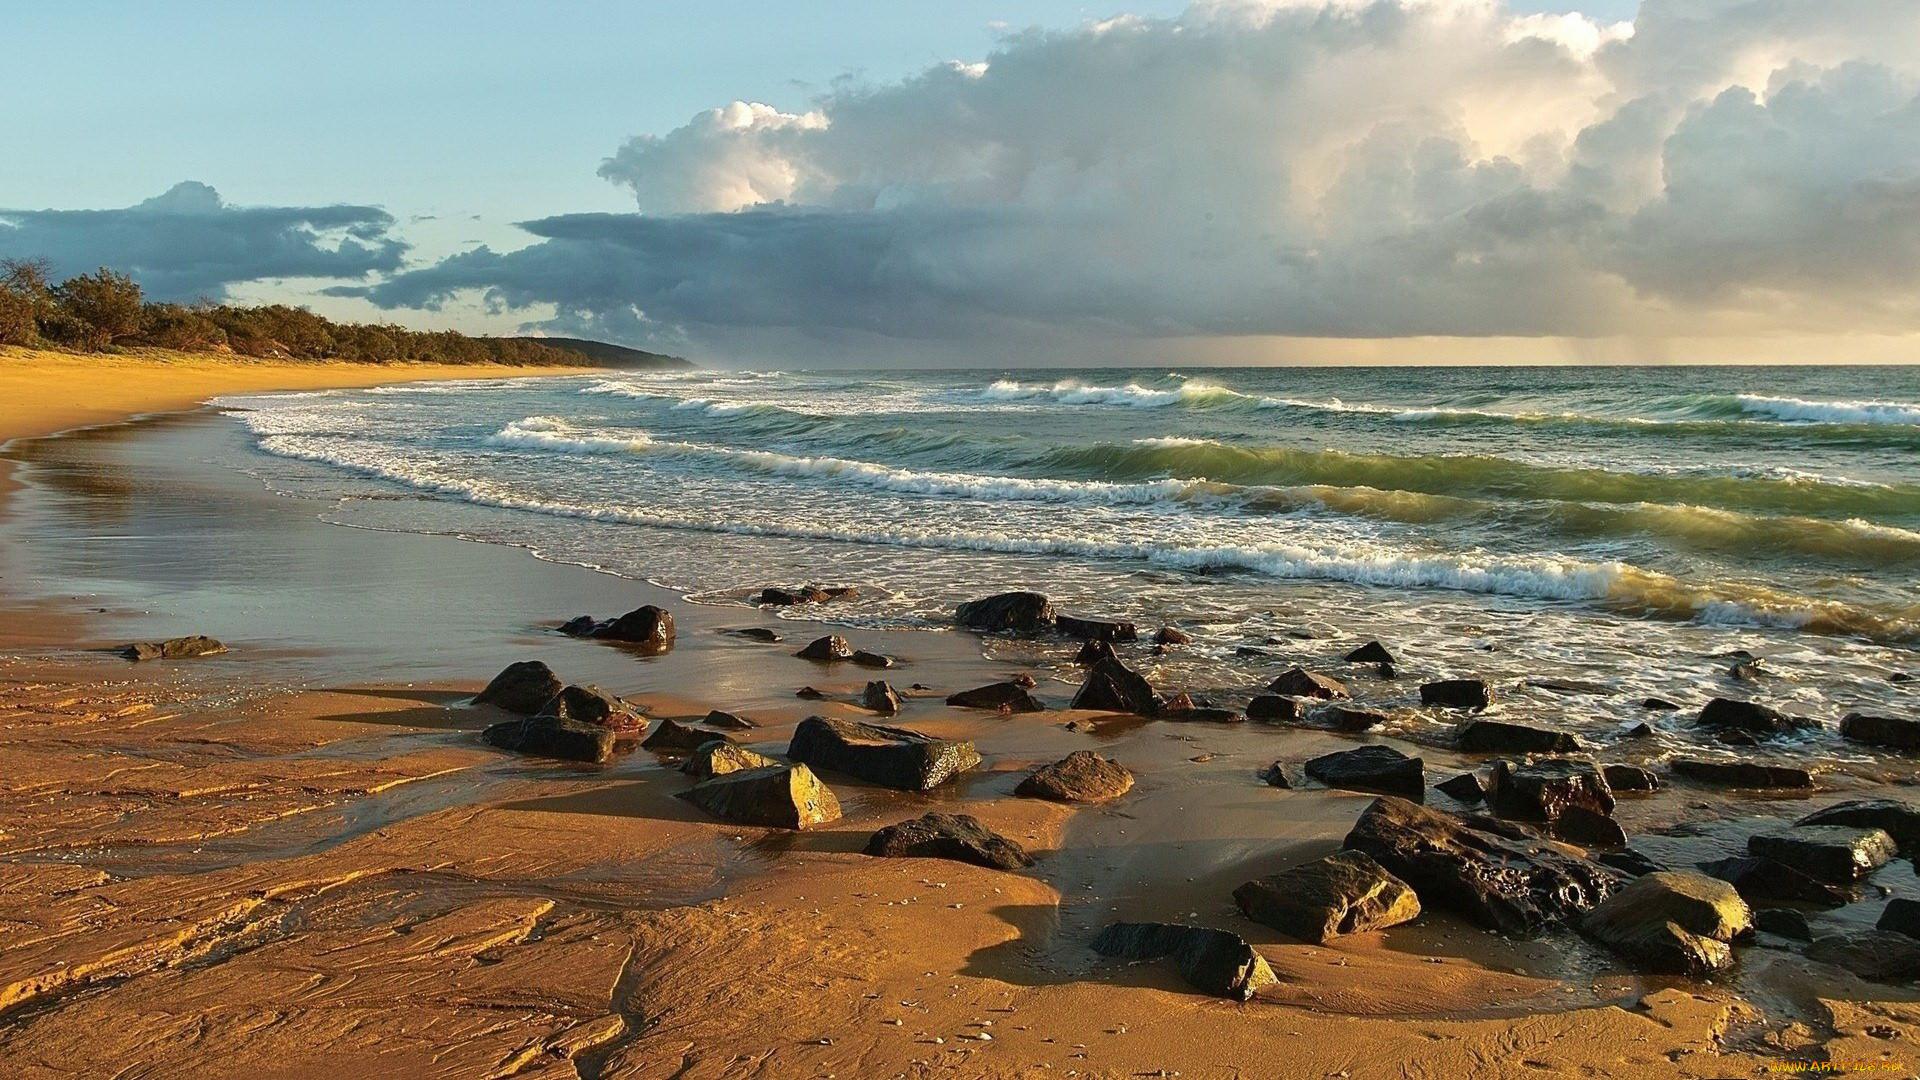 морского картинки песчаного берега и океана бумаги прекрасная идея